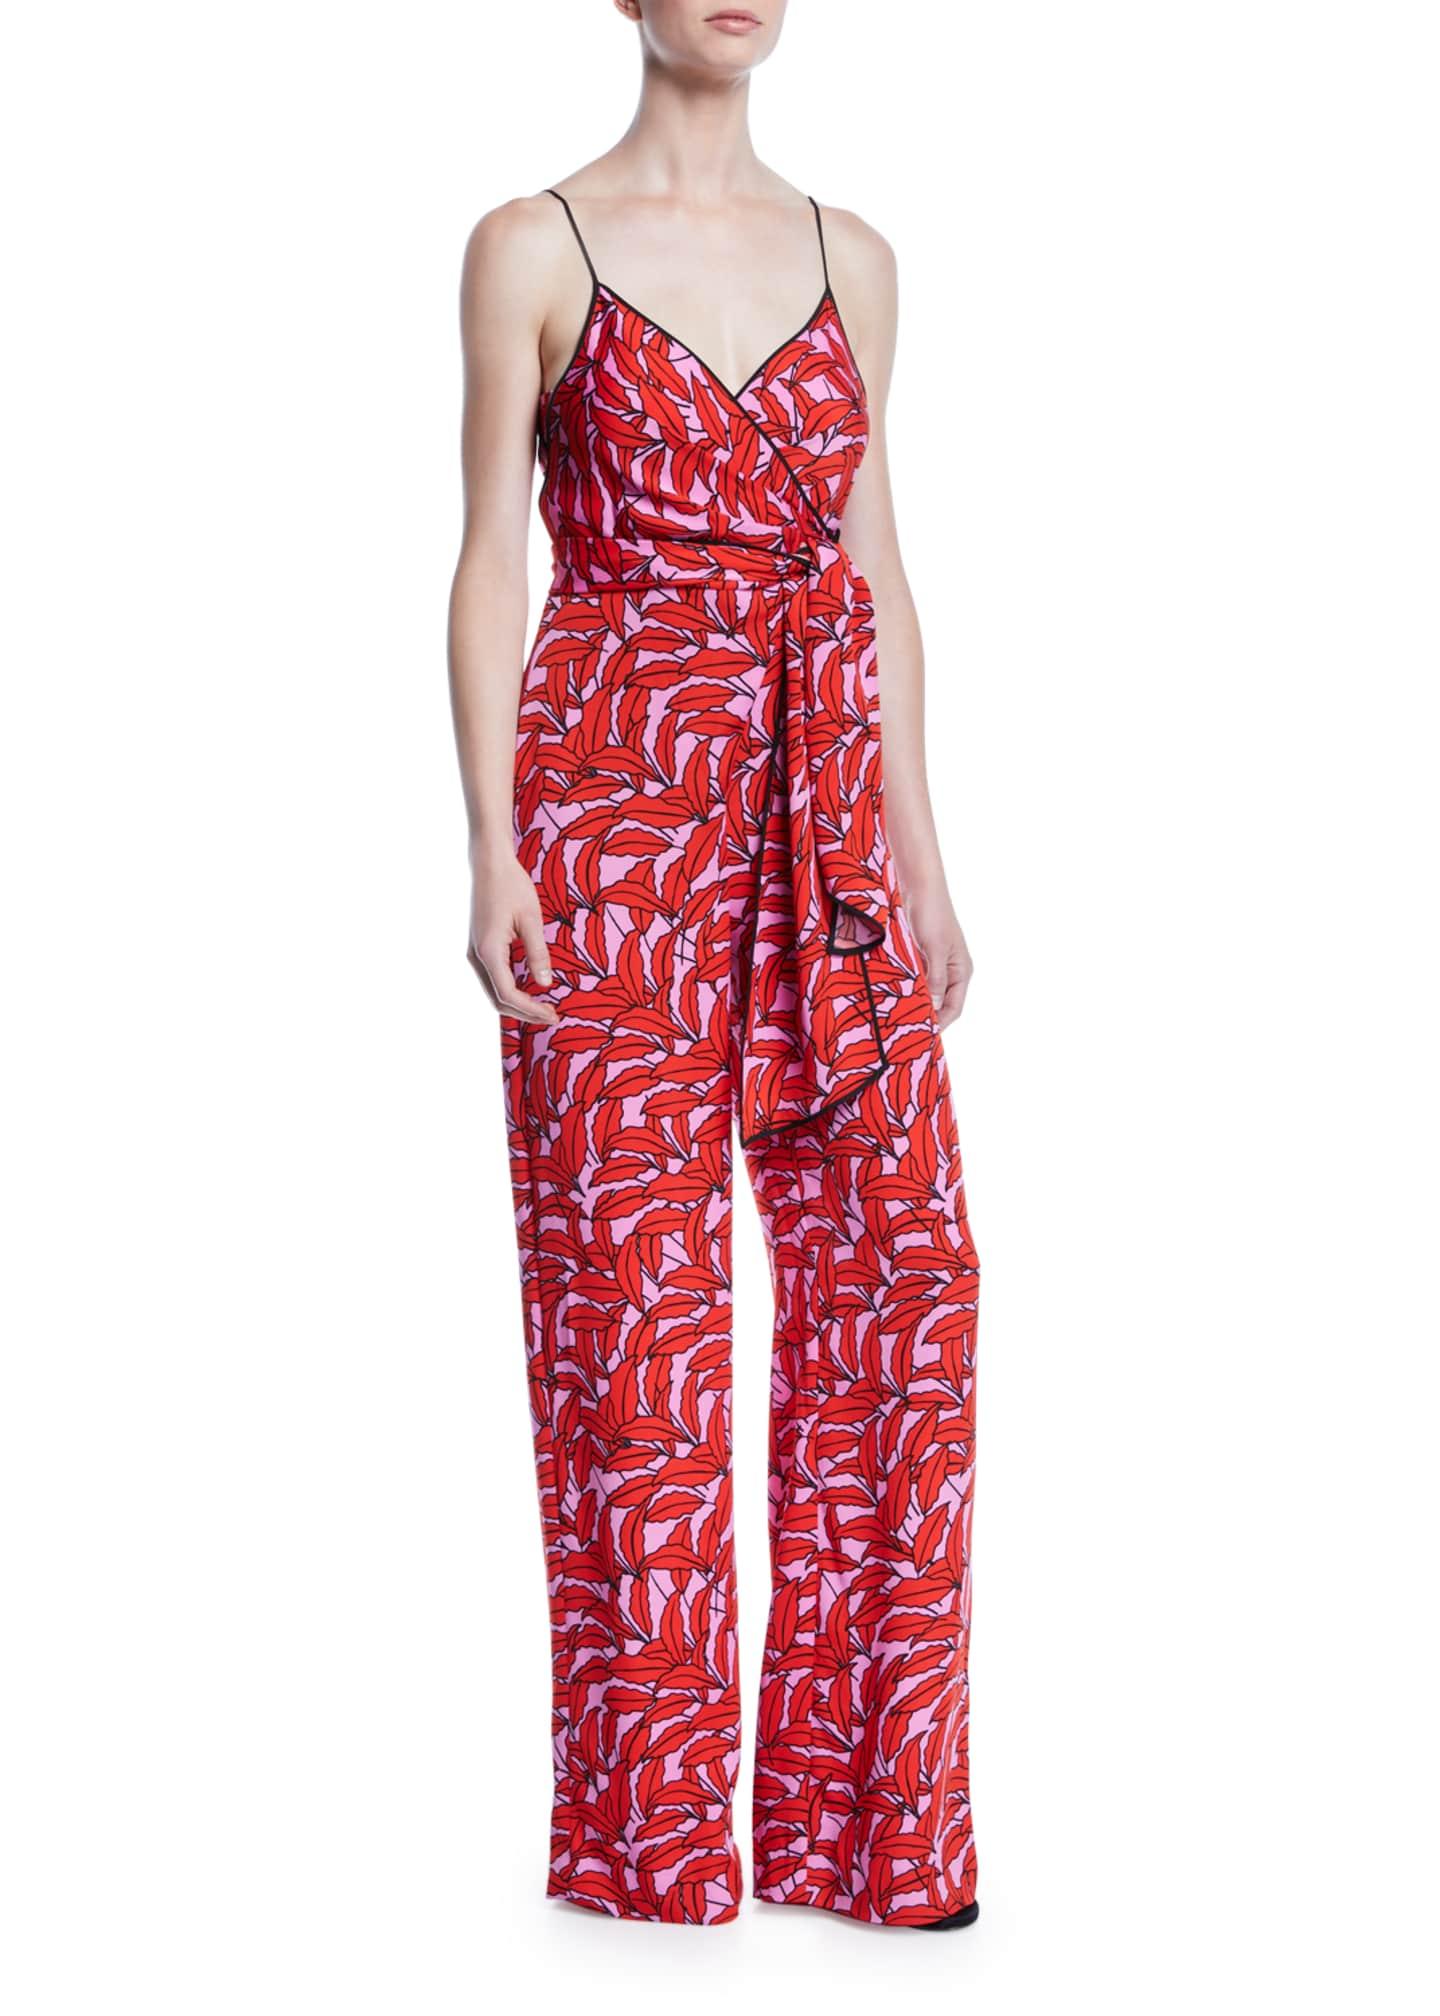 Diane von Furstenberg Barry Printed Stretch-Viscose Tie-Front